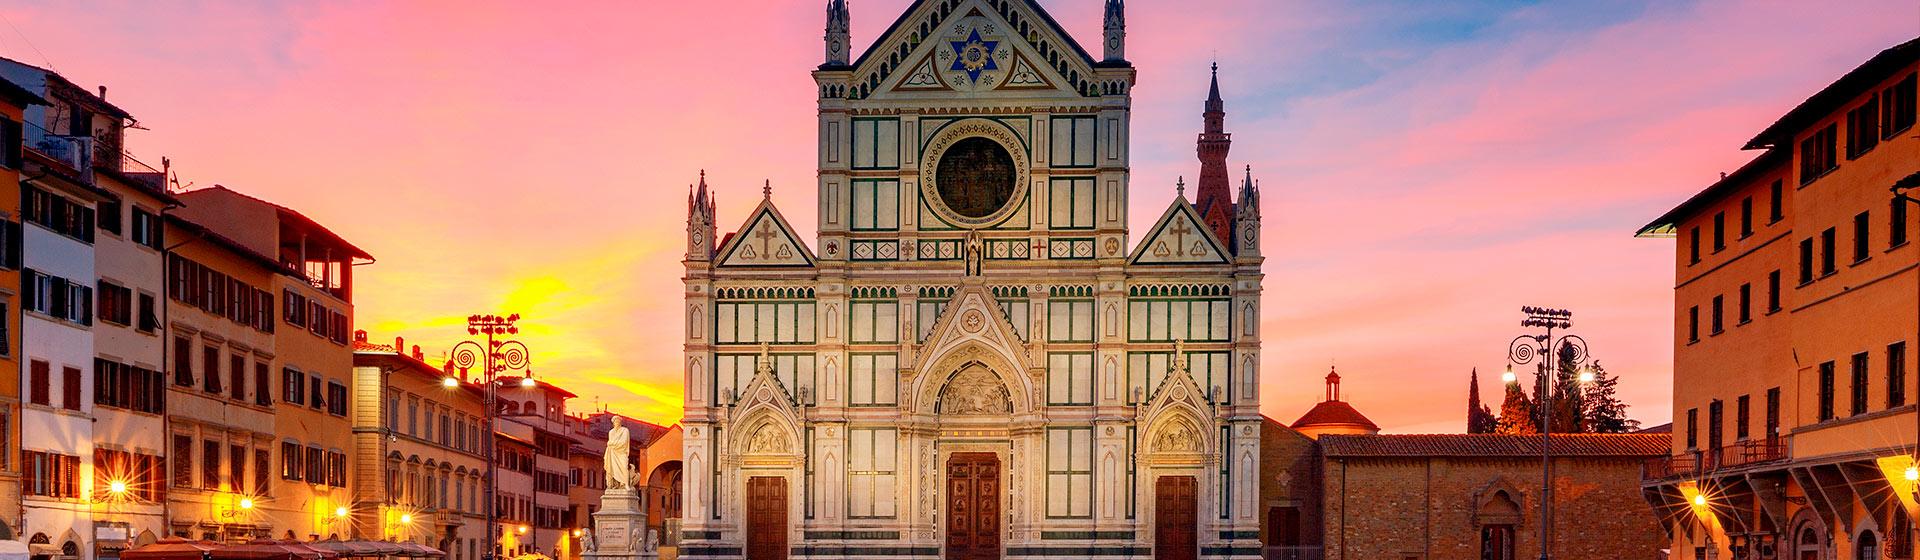 Roma-Florencia 5 días